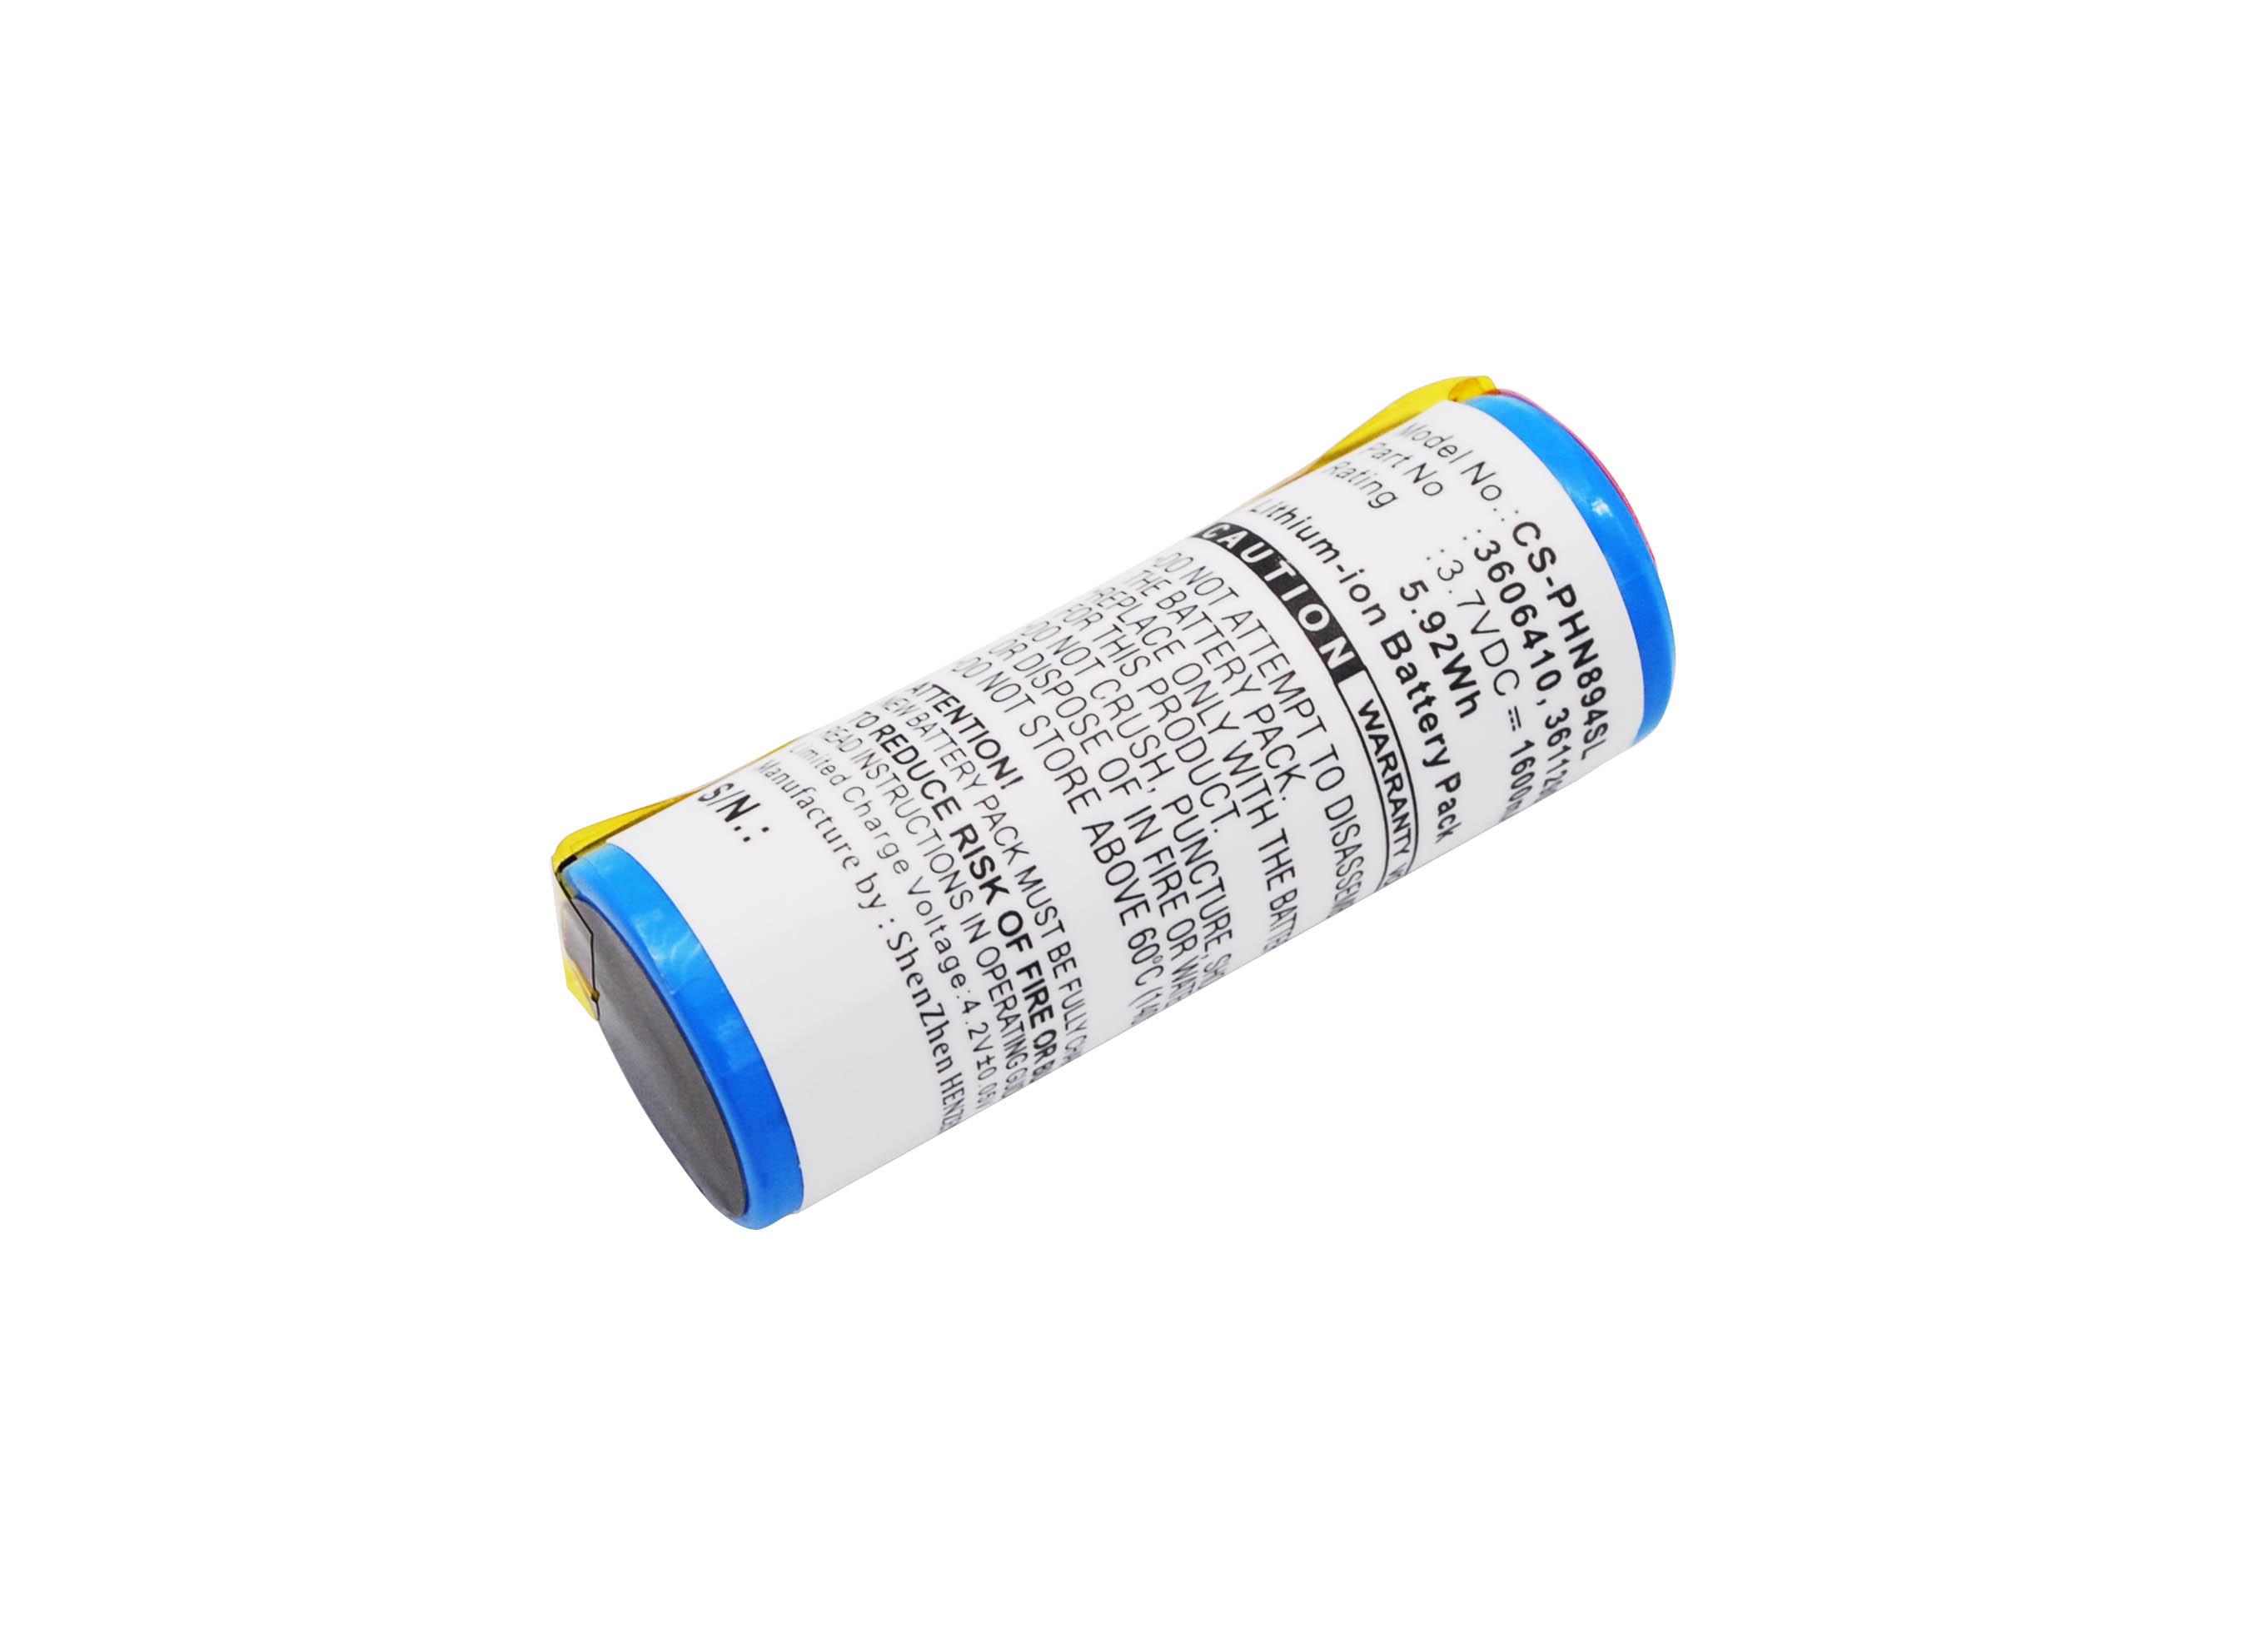 Cameron Sino baterie do holicích strojků pro BRAUN 799CC 3.7V Li-ion 1600mAh modrá - neoriginální